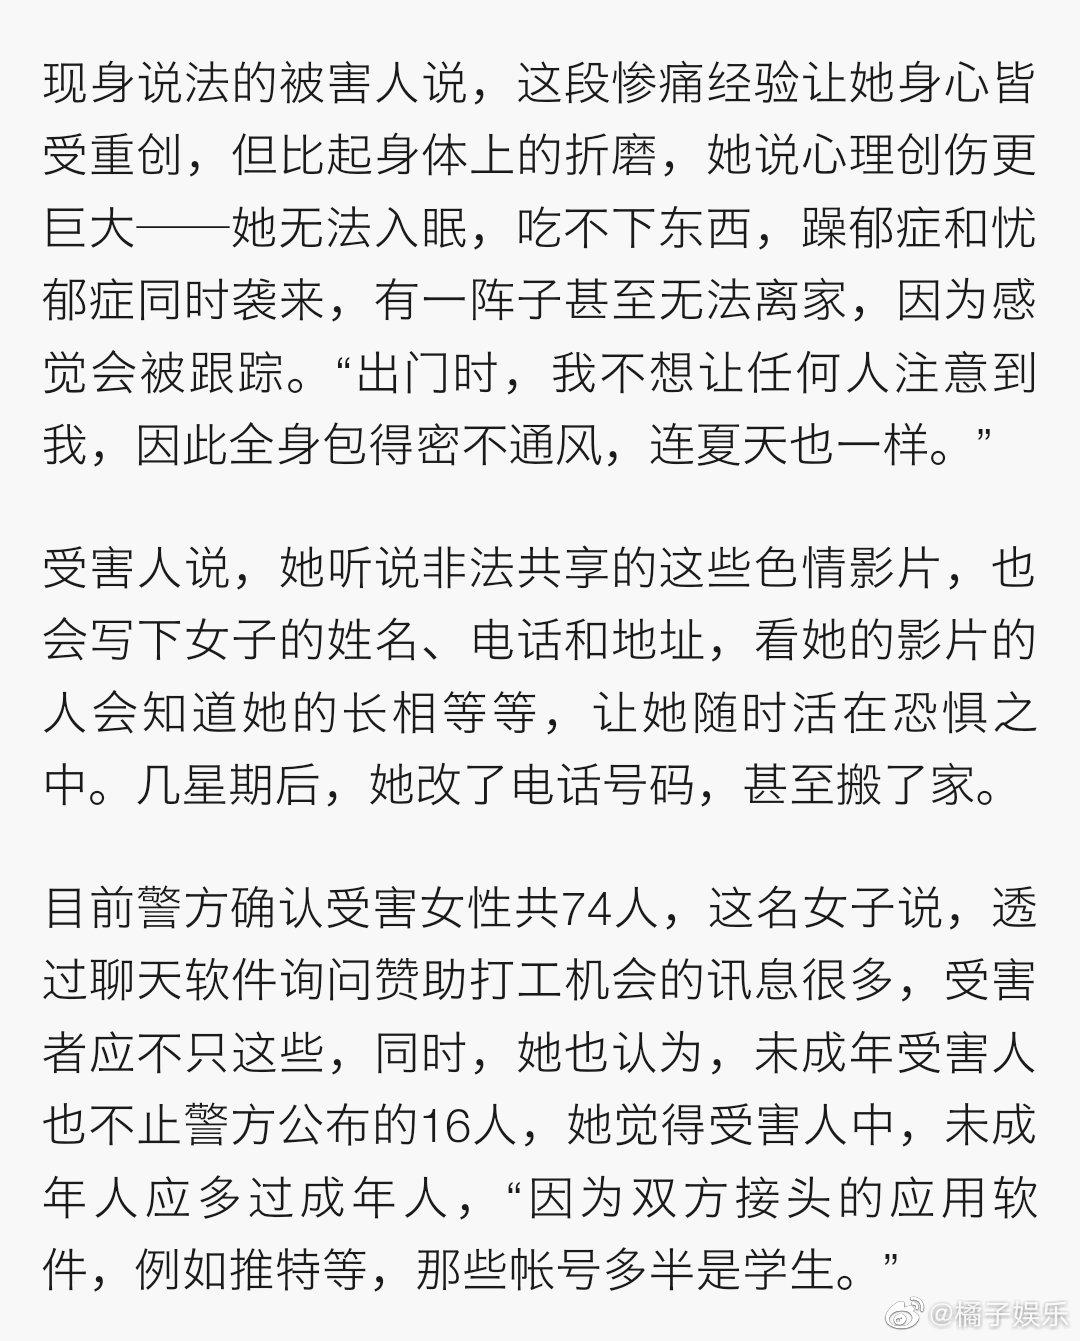 N号房受害人发声对主犯赵主彬恨之入骨 N号房事件始末 N号房最新进展